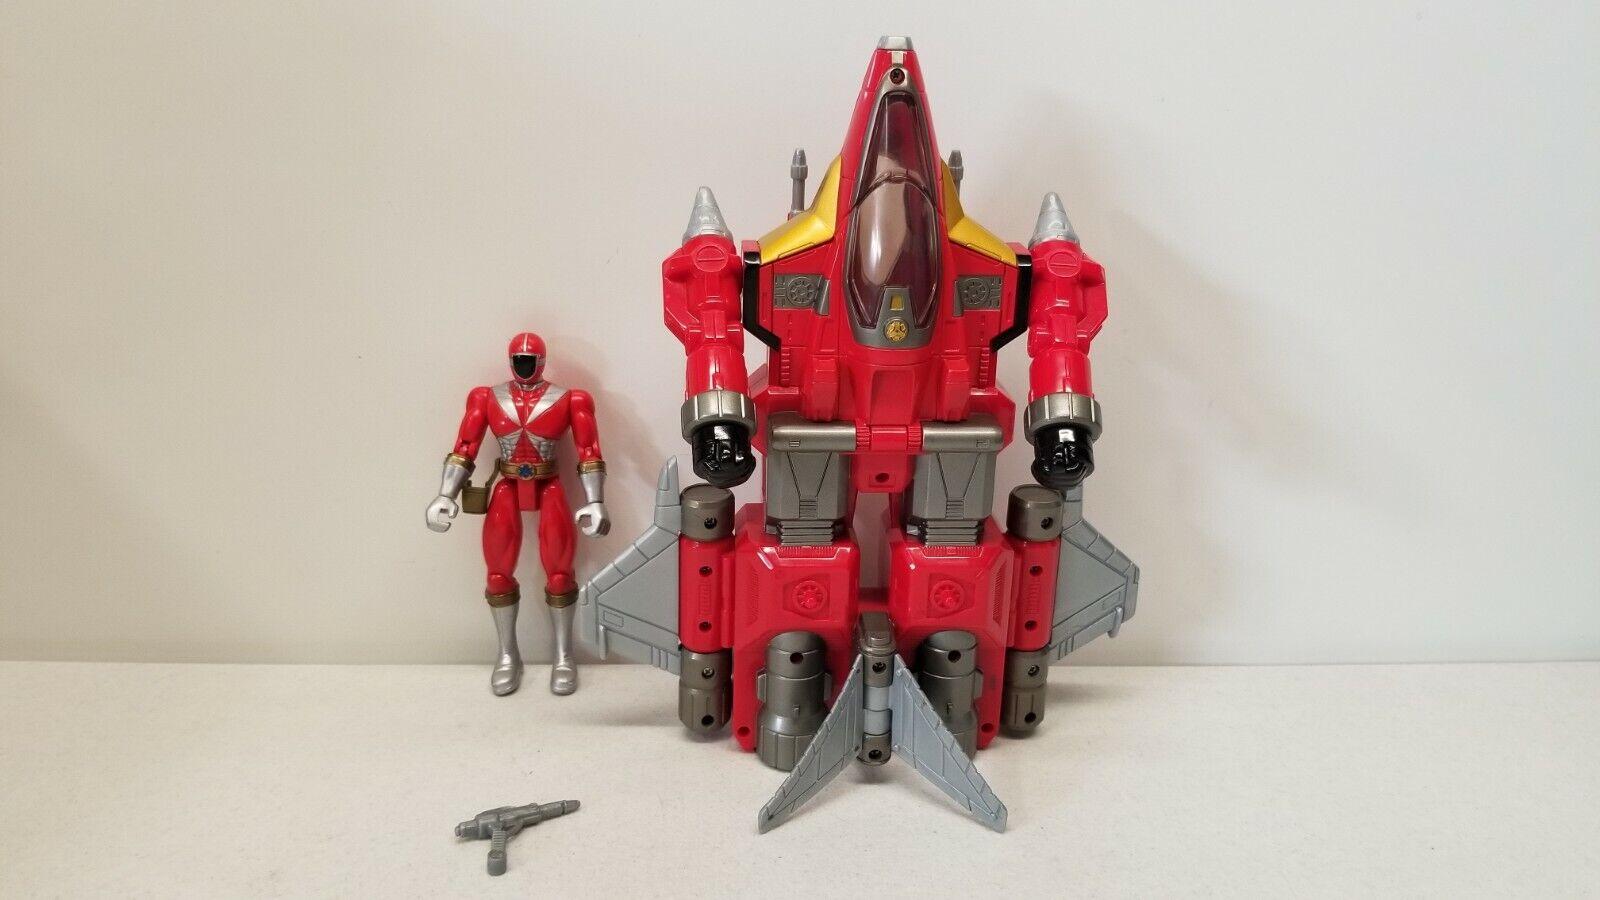 Power Rangers LIGHTSPEED RESCUE Deluxe rot MOBILE ARMOR vehicle megazord morpher